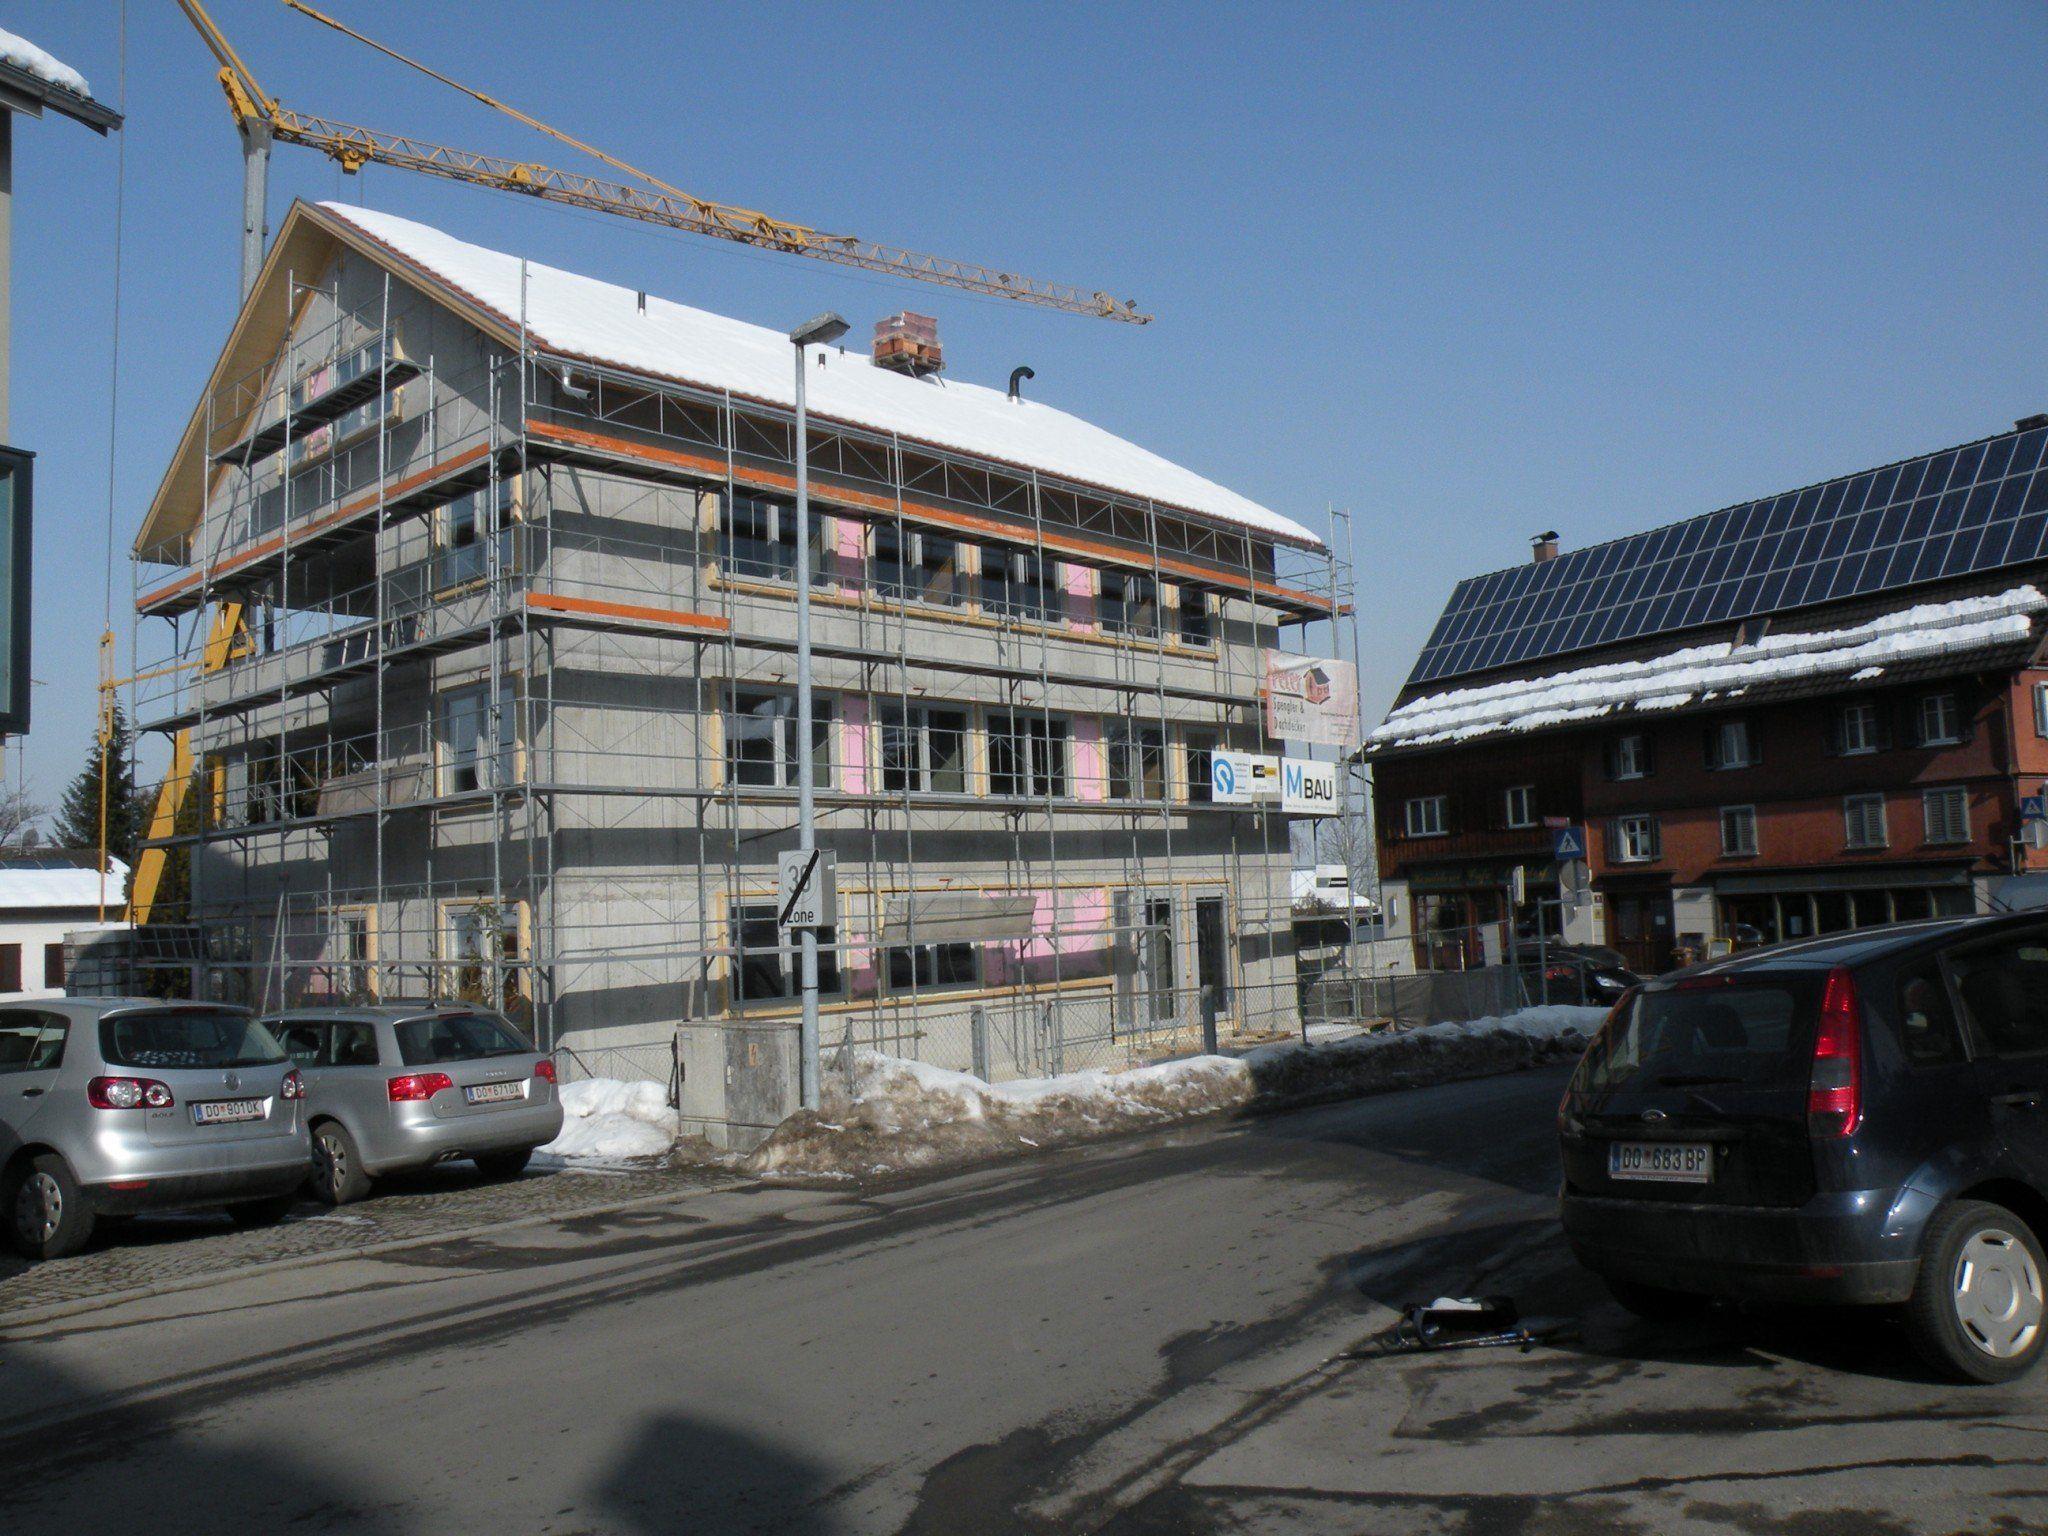 Das Wohn- und Geschäftsprojekt an der Bergstraße soll im Sommer bezugsfertig sein.